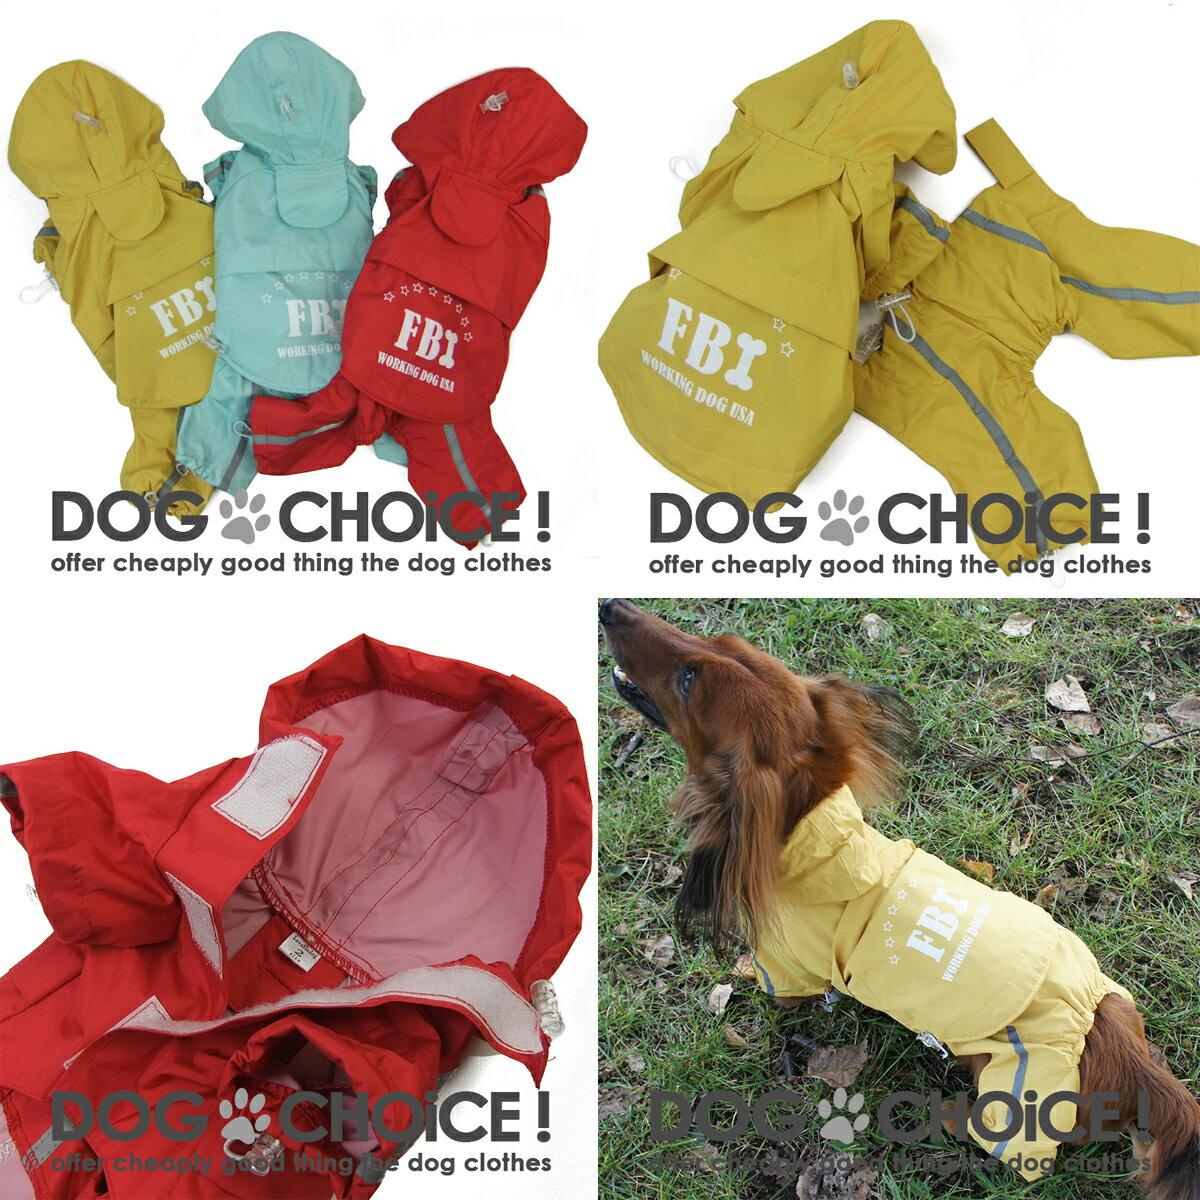 【春夏秋冬モデル】【2-5号】LOVABLEDOG FBIレインコート 上下分離型 小型犬-大型犬まで各サイズ取り揃えております。雨の日のお散歩や梅雨時期に最適 持ち運びに便利なポーチ付きカッパ